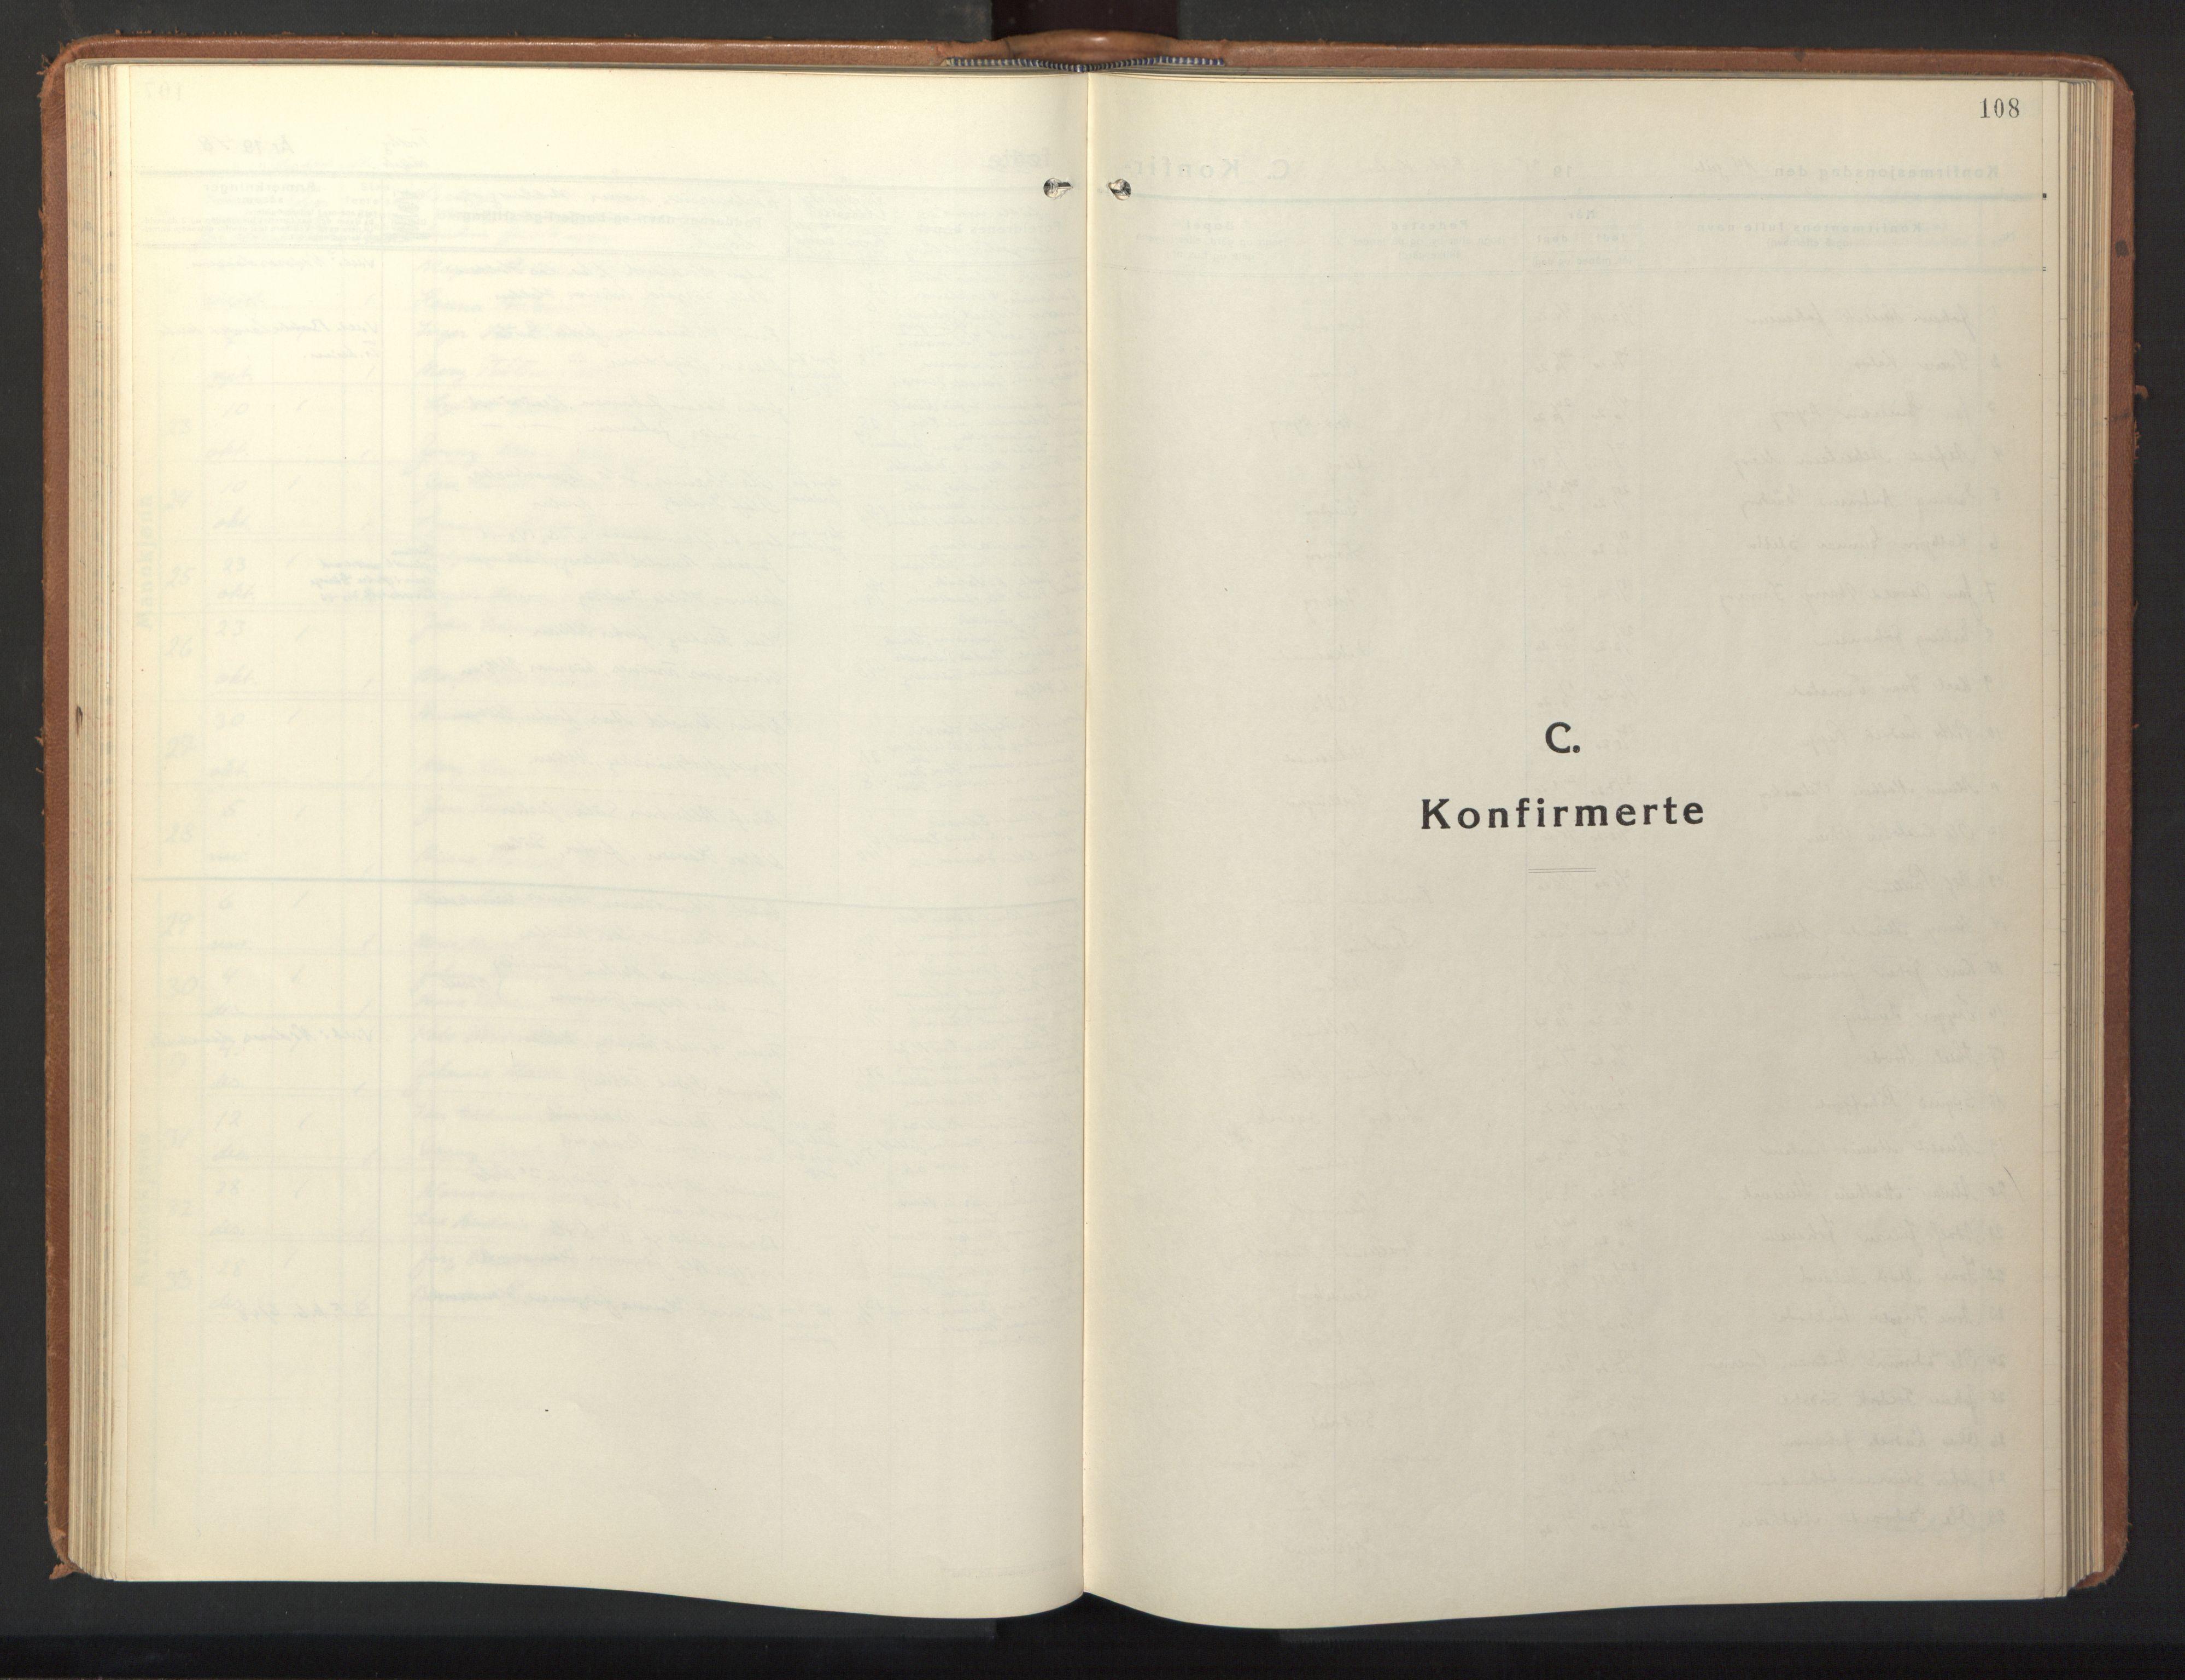 SAT, Ministerialprotokoller, klokkerbøker og fødselsregistre - Sør-Trøndelag, 640/L0590: Klokkerbok nr. 640C07, 1935-1948, s. 108